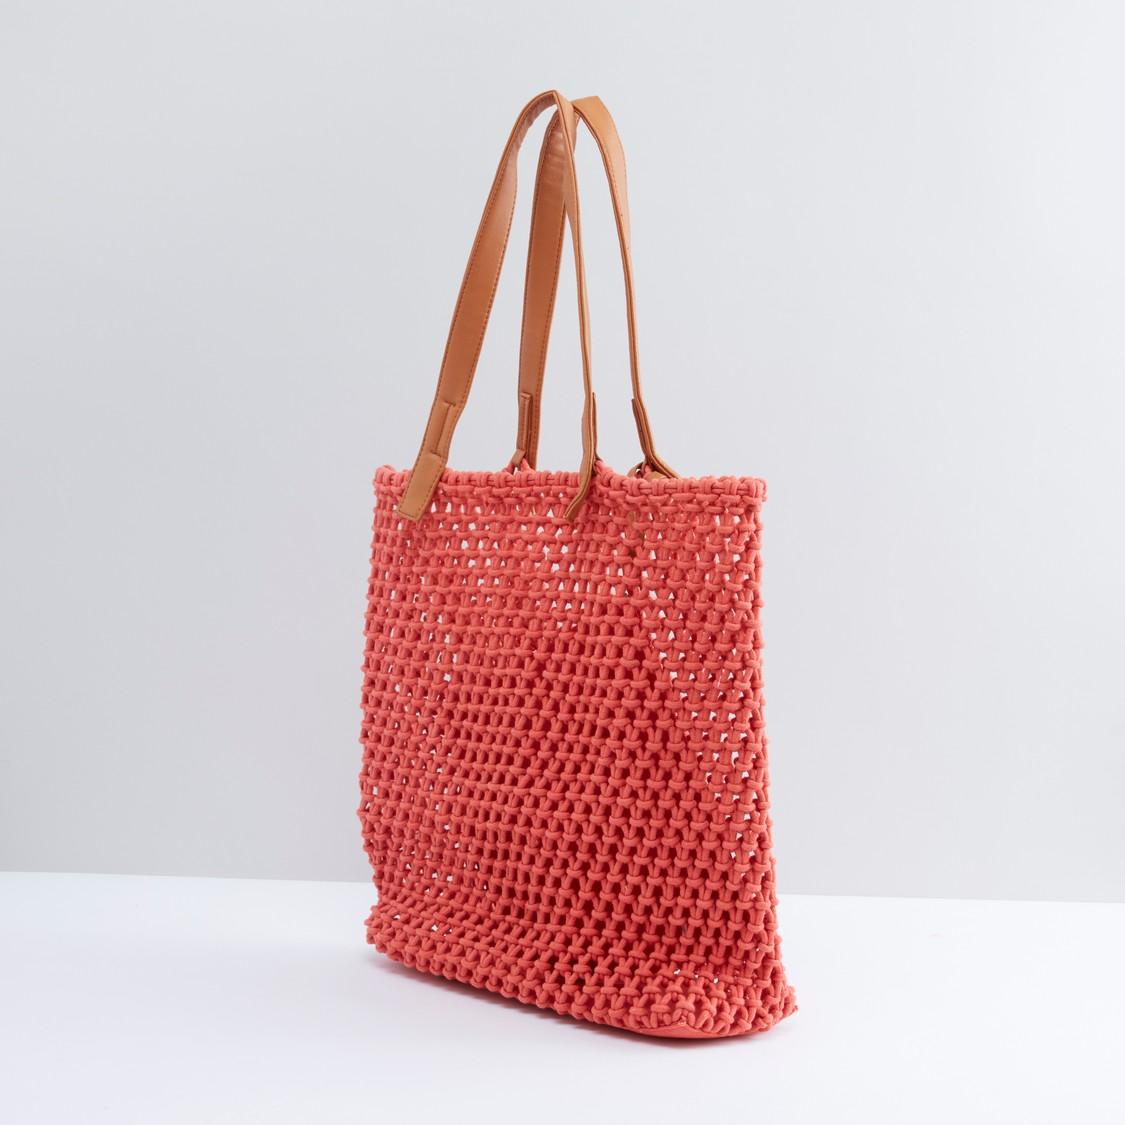 حقيبة توت بنمطٍ منسوج مع حقيبة صغيرة